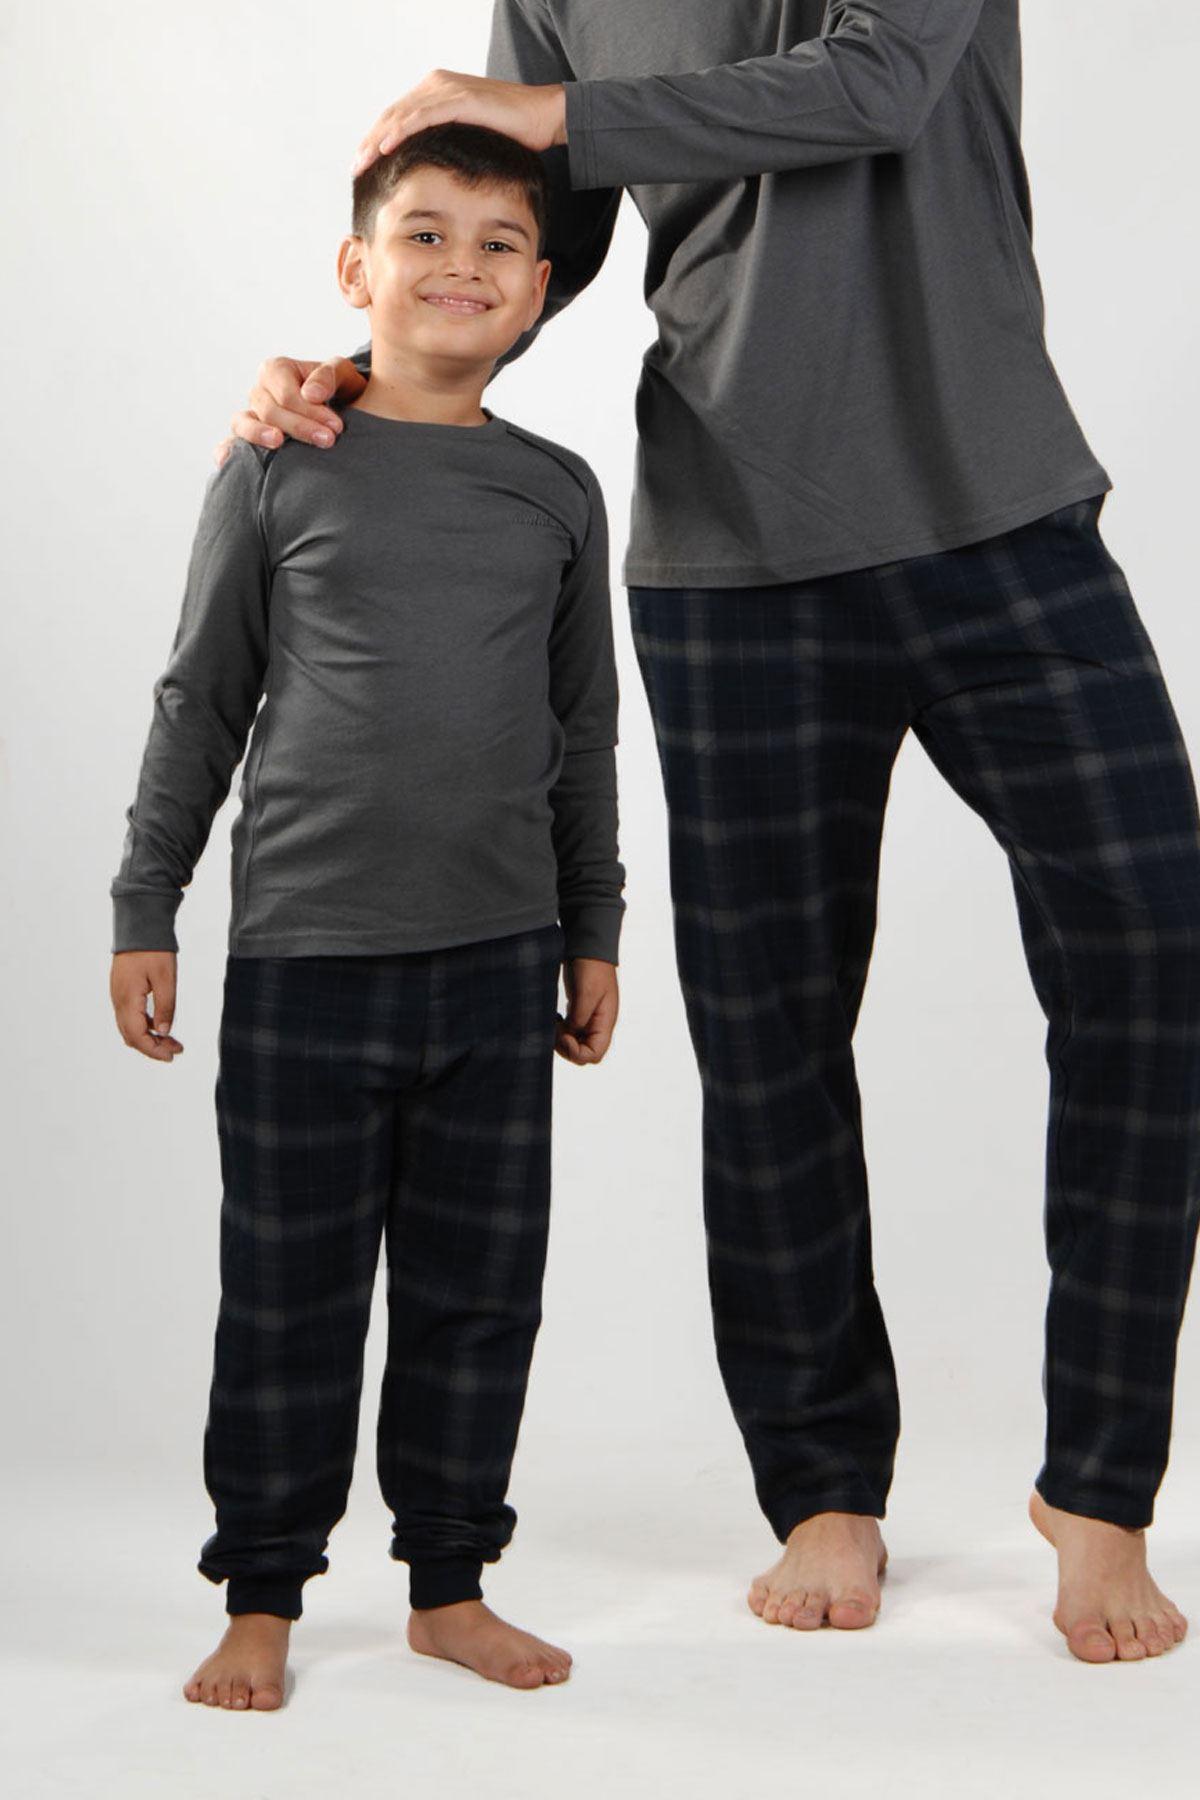 Füme Ekoseli Erkek Pijama Takımı Düğmeli Yaka Kışlık Uzun Kollu Pijama 6015